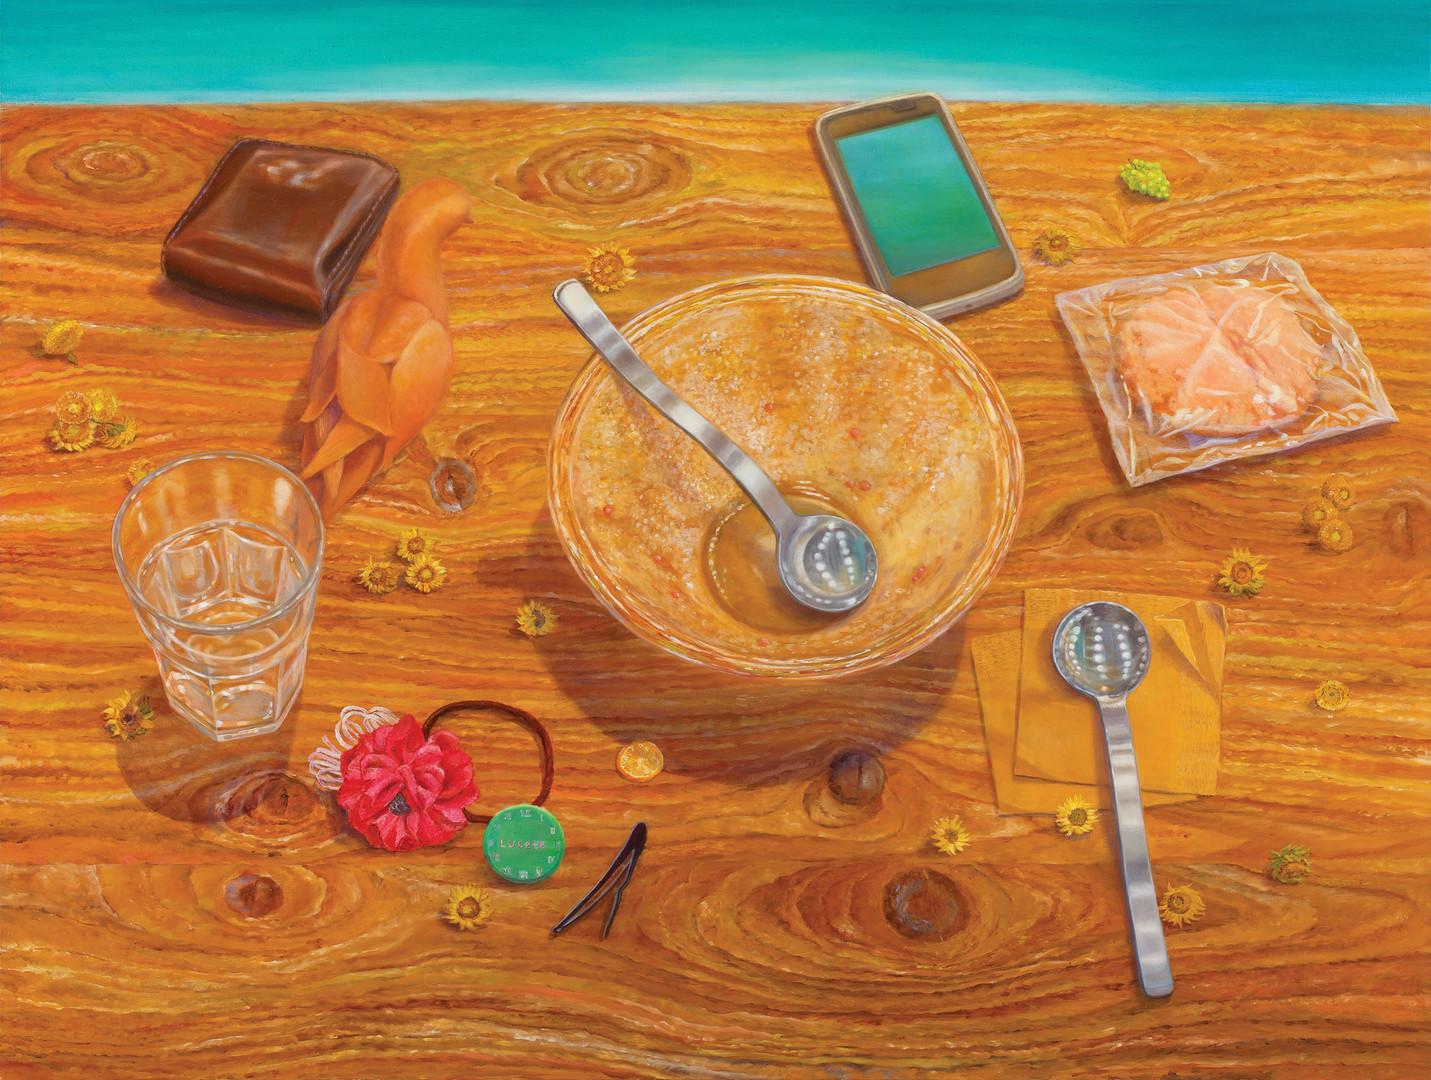 개구리 울음소리, 캔버스에 유채, 91×116.8cm, 2012